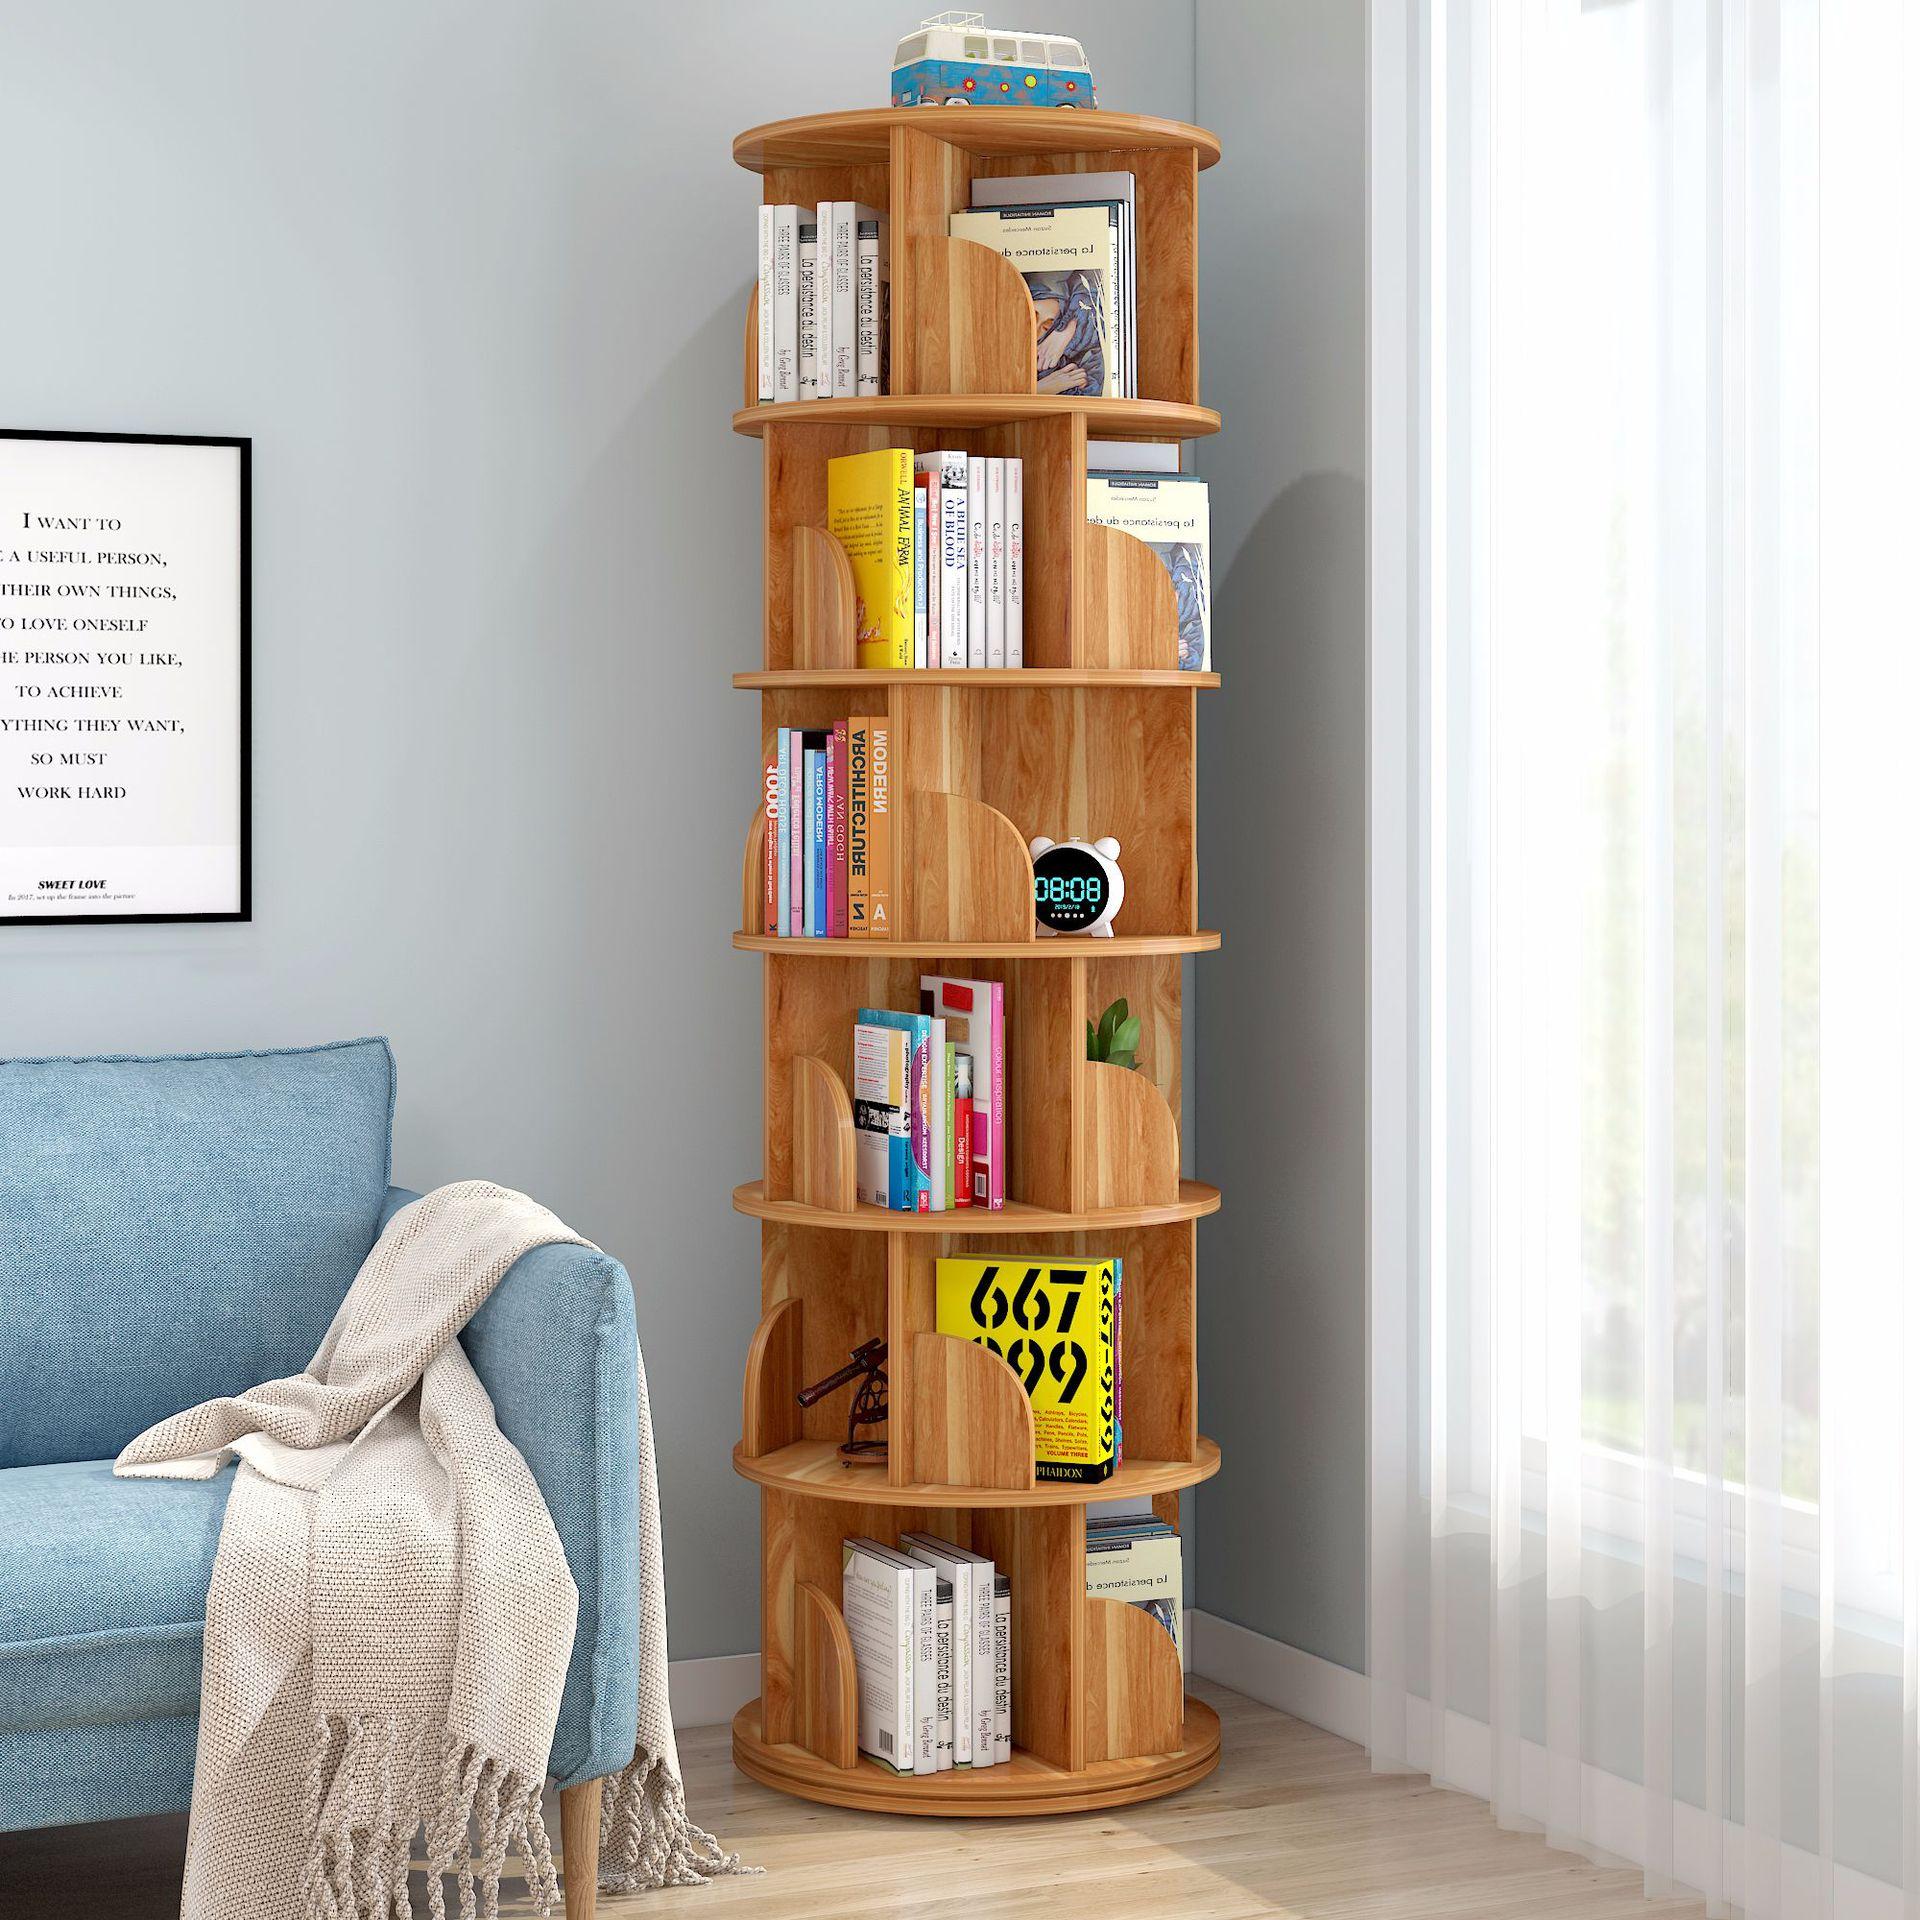 Полка для стеллаж, новая вращающаяся полка для книг, полка для учебной комнаты, мебель для Кабинета, полки с обеих сторон